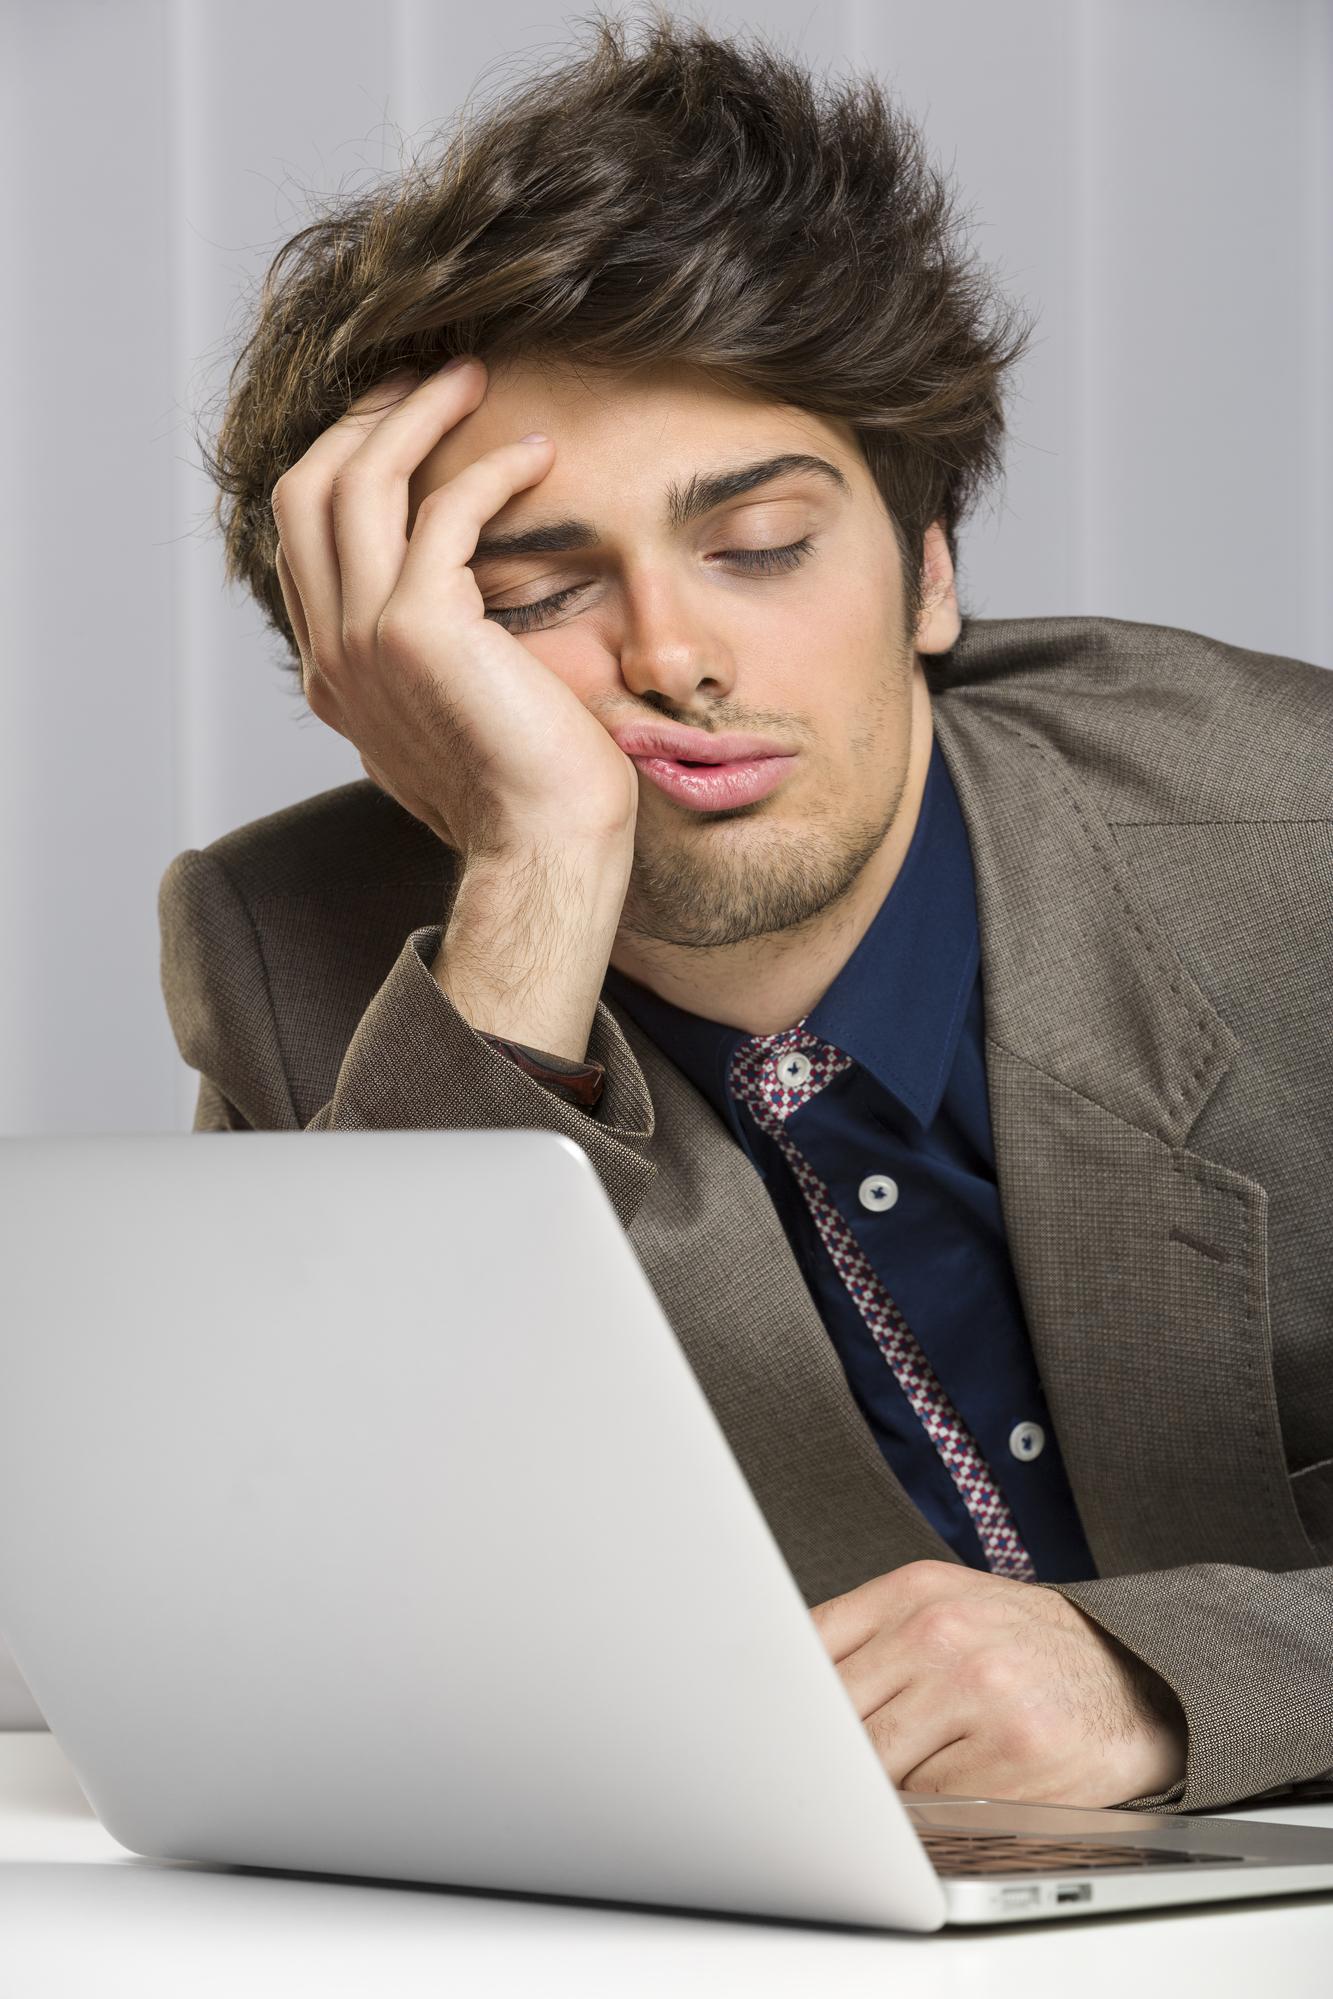 Ist es legal, Ihre Mitarbeiter über Spionage-Anwendungen zu verfolgen?